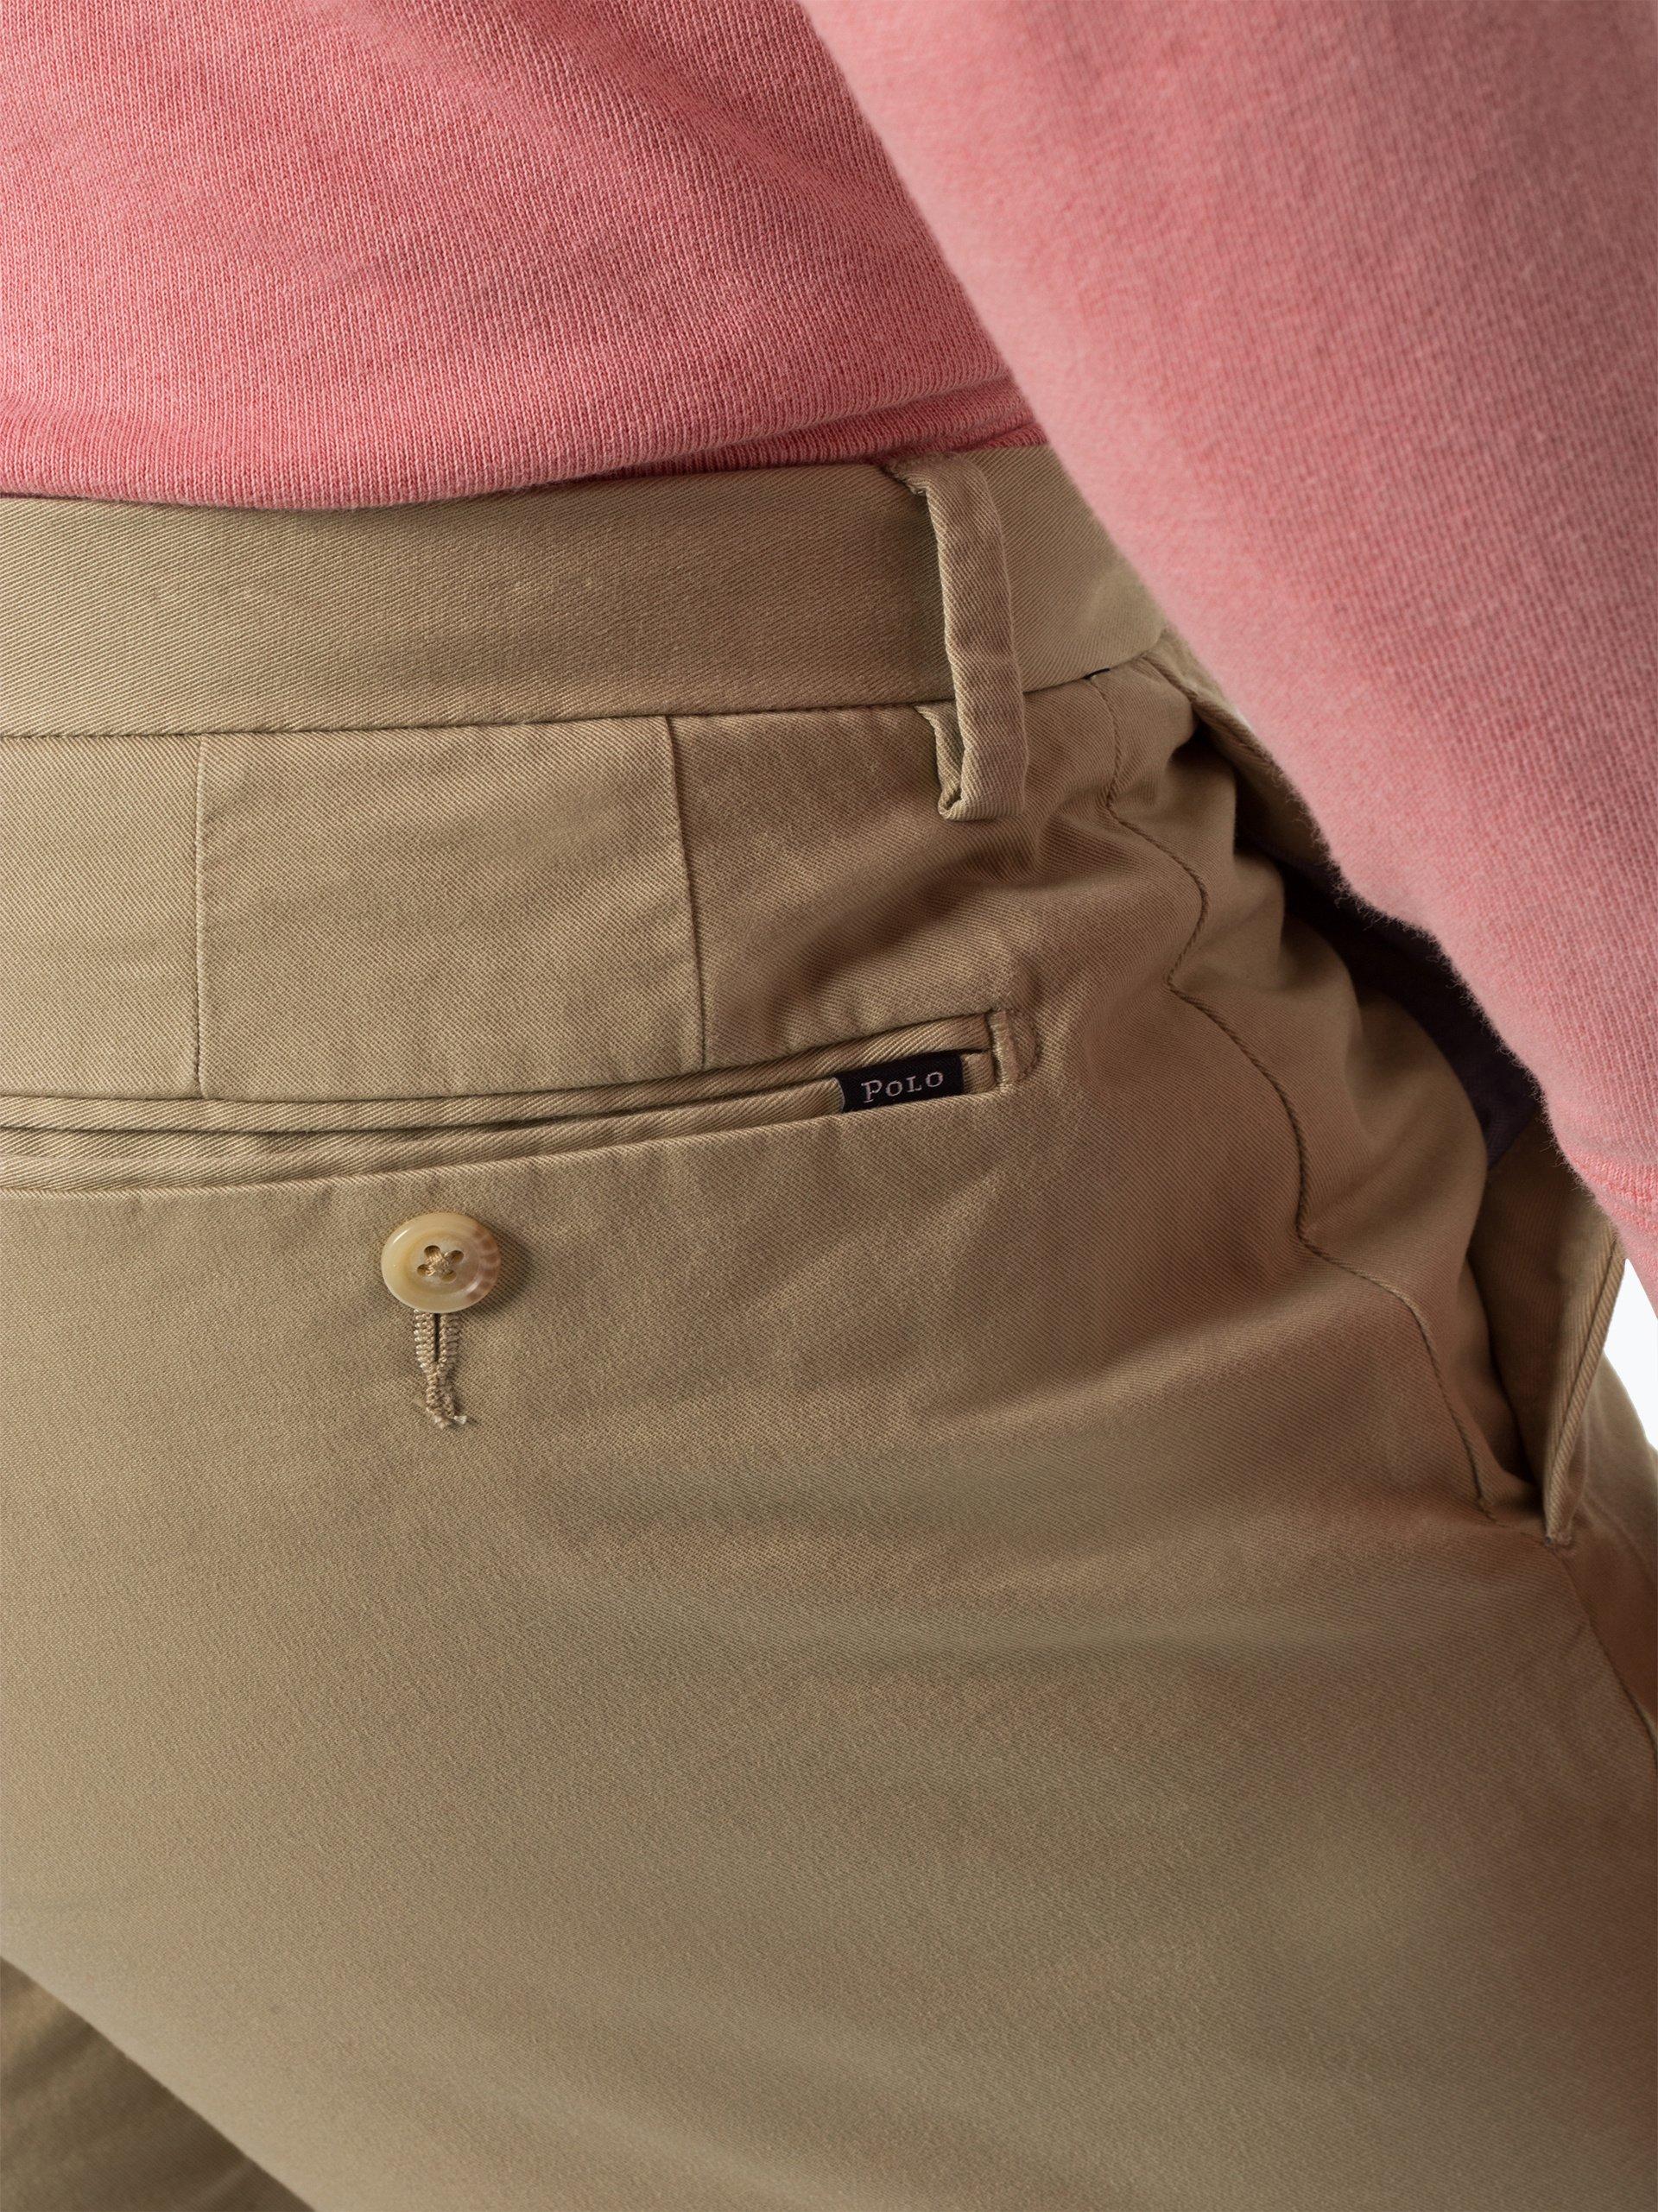 Polo Ralph Lauren Spodnie męskie – Stretch Slim Fit